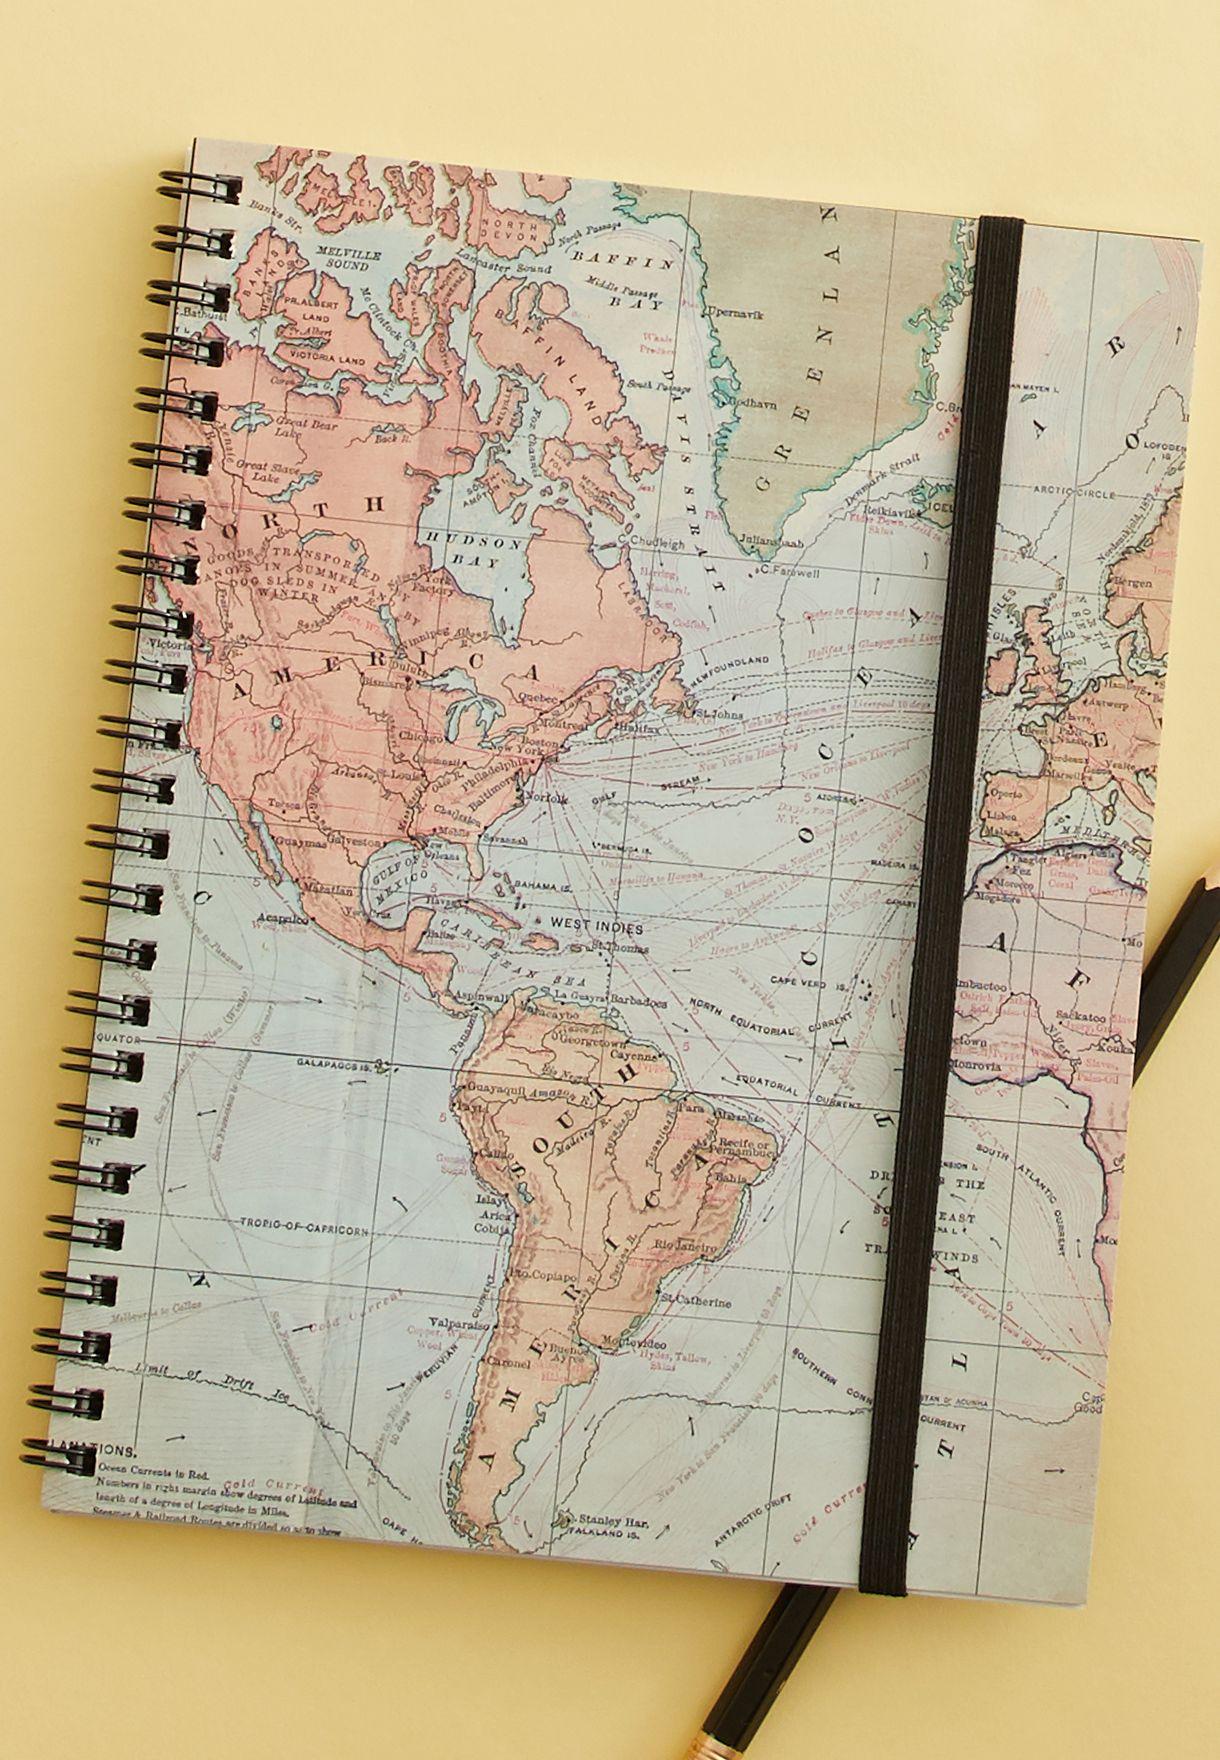 دفتر ملاحظات A5 بطباعة خريطة العالم